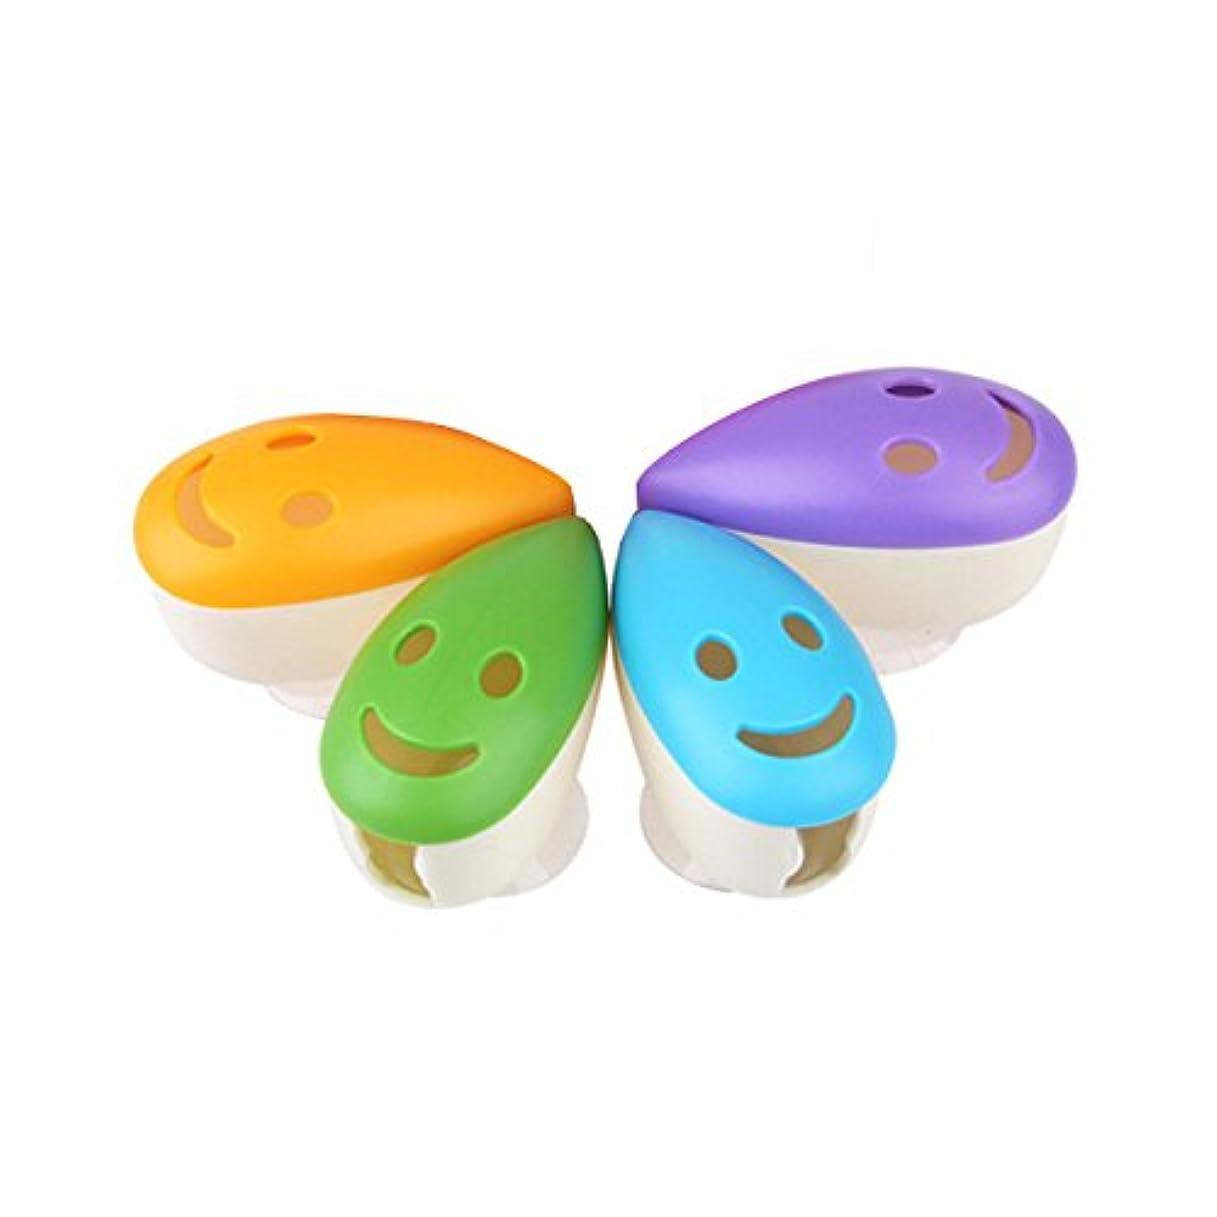 することになっているうそつき維持ROSENICE スマイルフェイス抗菌歯ブラシヘッドホルダーサクションカップ4本用